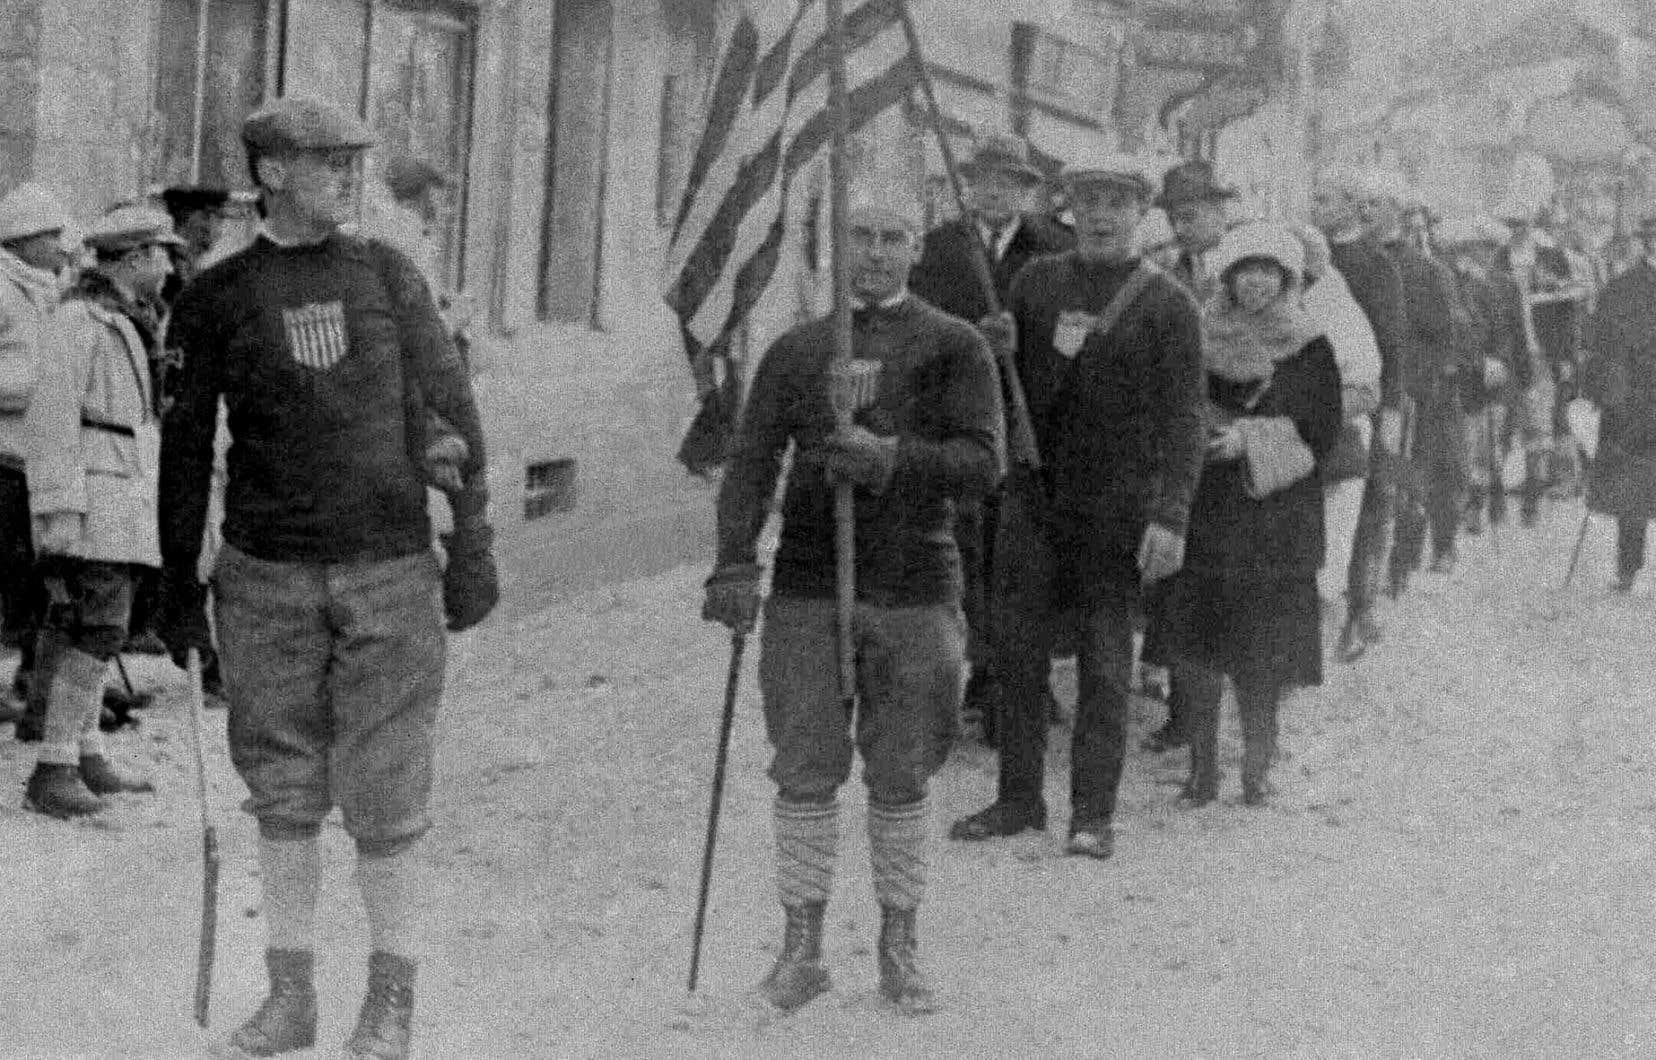 Drapeau américain lors de la cérémonie d'ouverture des Jeux olympiques d'hiver de 1924 à Chamonix